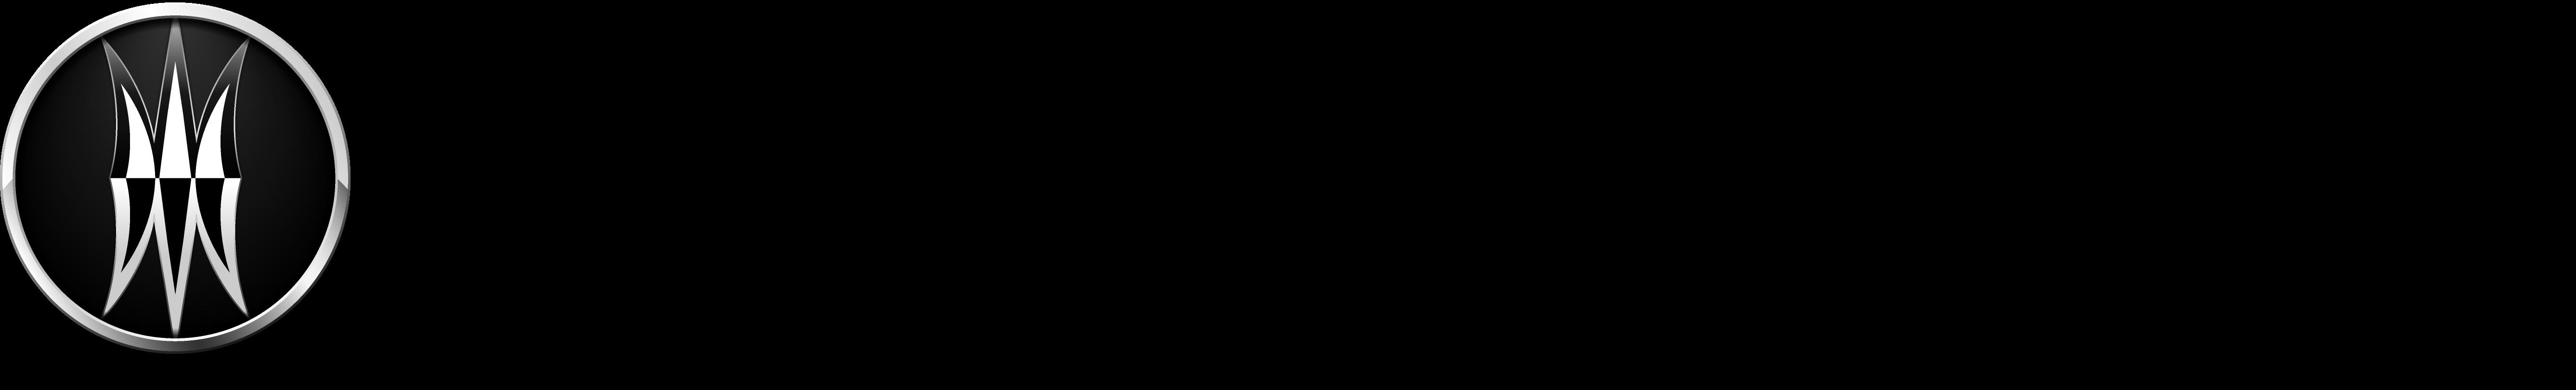 Strandberg Kapitalförvaltning